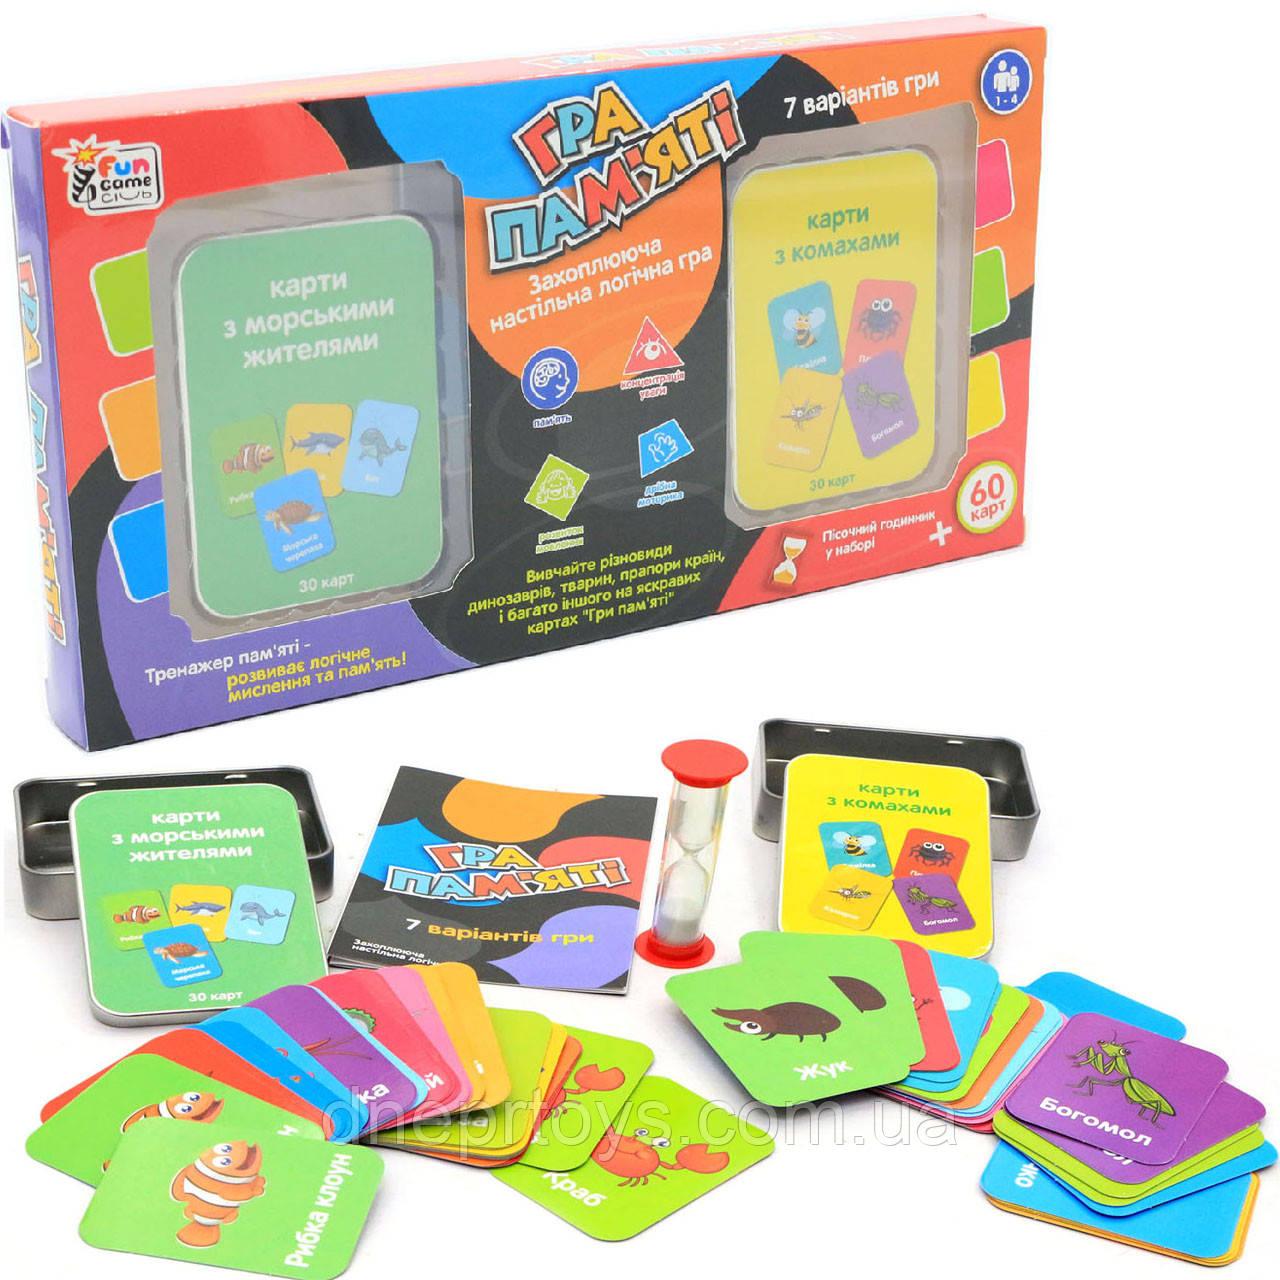 Настільна гра головоломка Fun game «Гра пам'яті» карти з Морською жителями та комах UKB-B0046